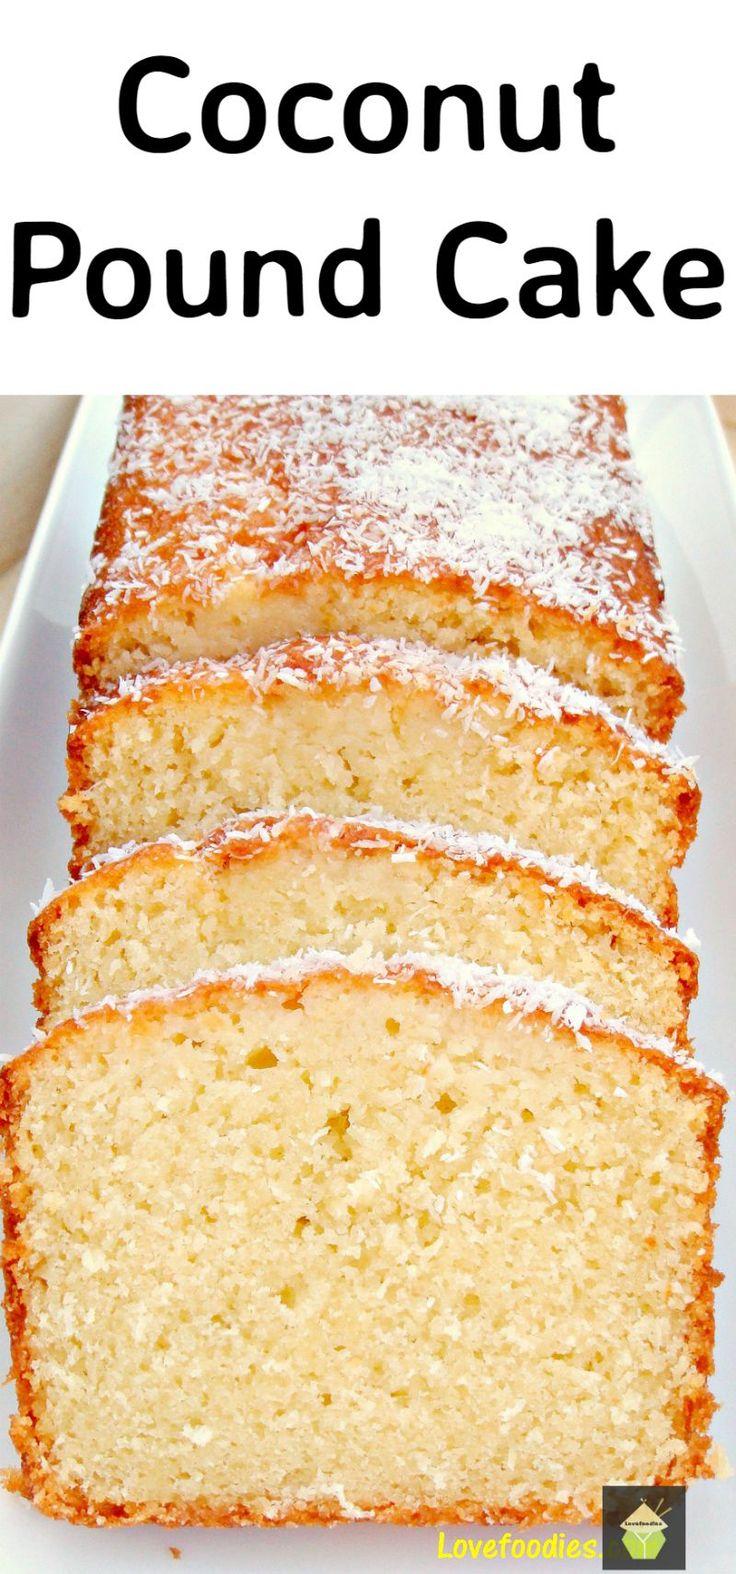 Best 10+ Coconut cake easy ideas on Pinterest | Dump cake ...